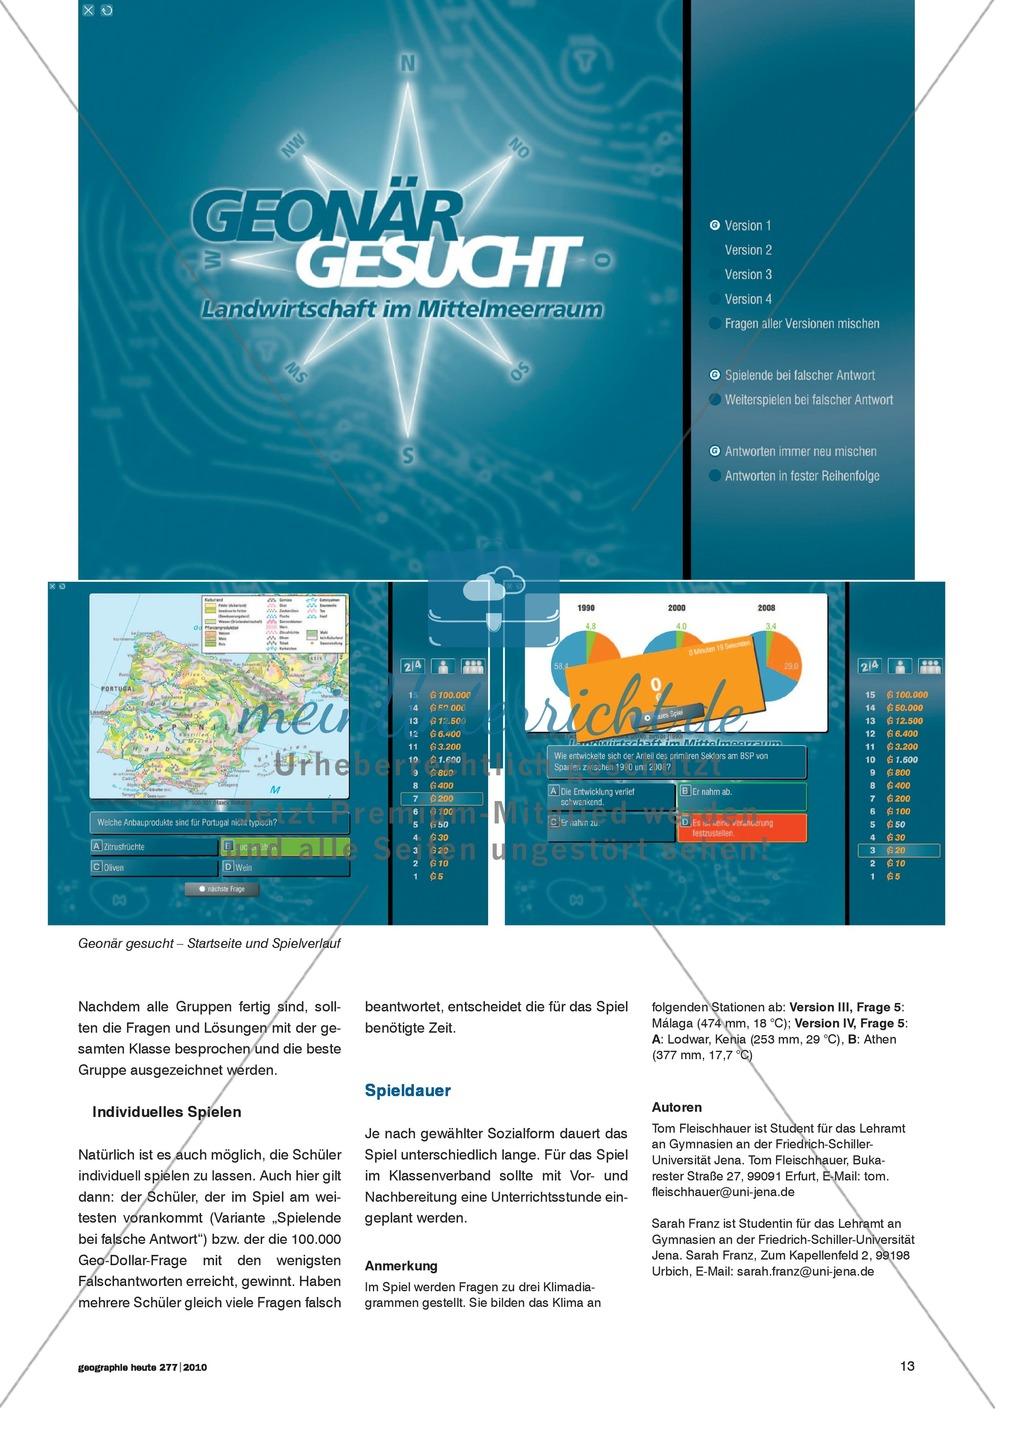 Klima und Landnutzung: Geographisches Übungsspiel zur landwirtschaftlichen Nutzung im Mittelmeerraum Preview 1